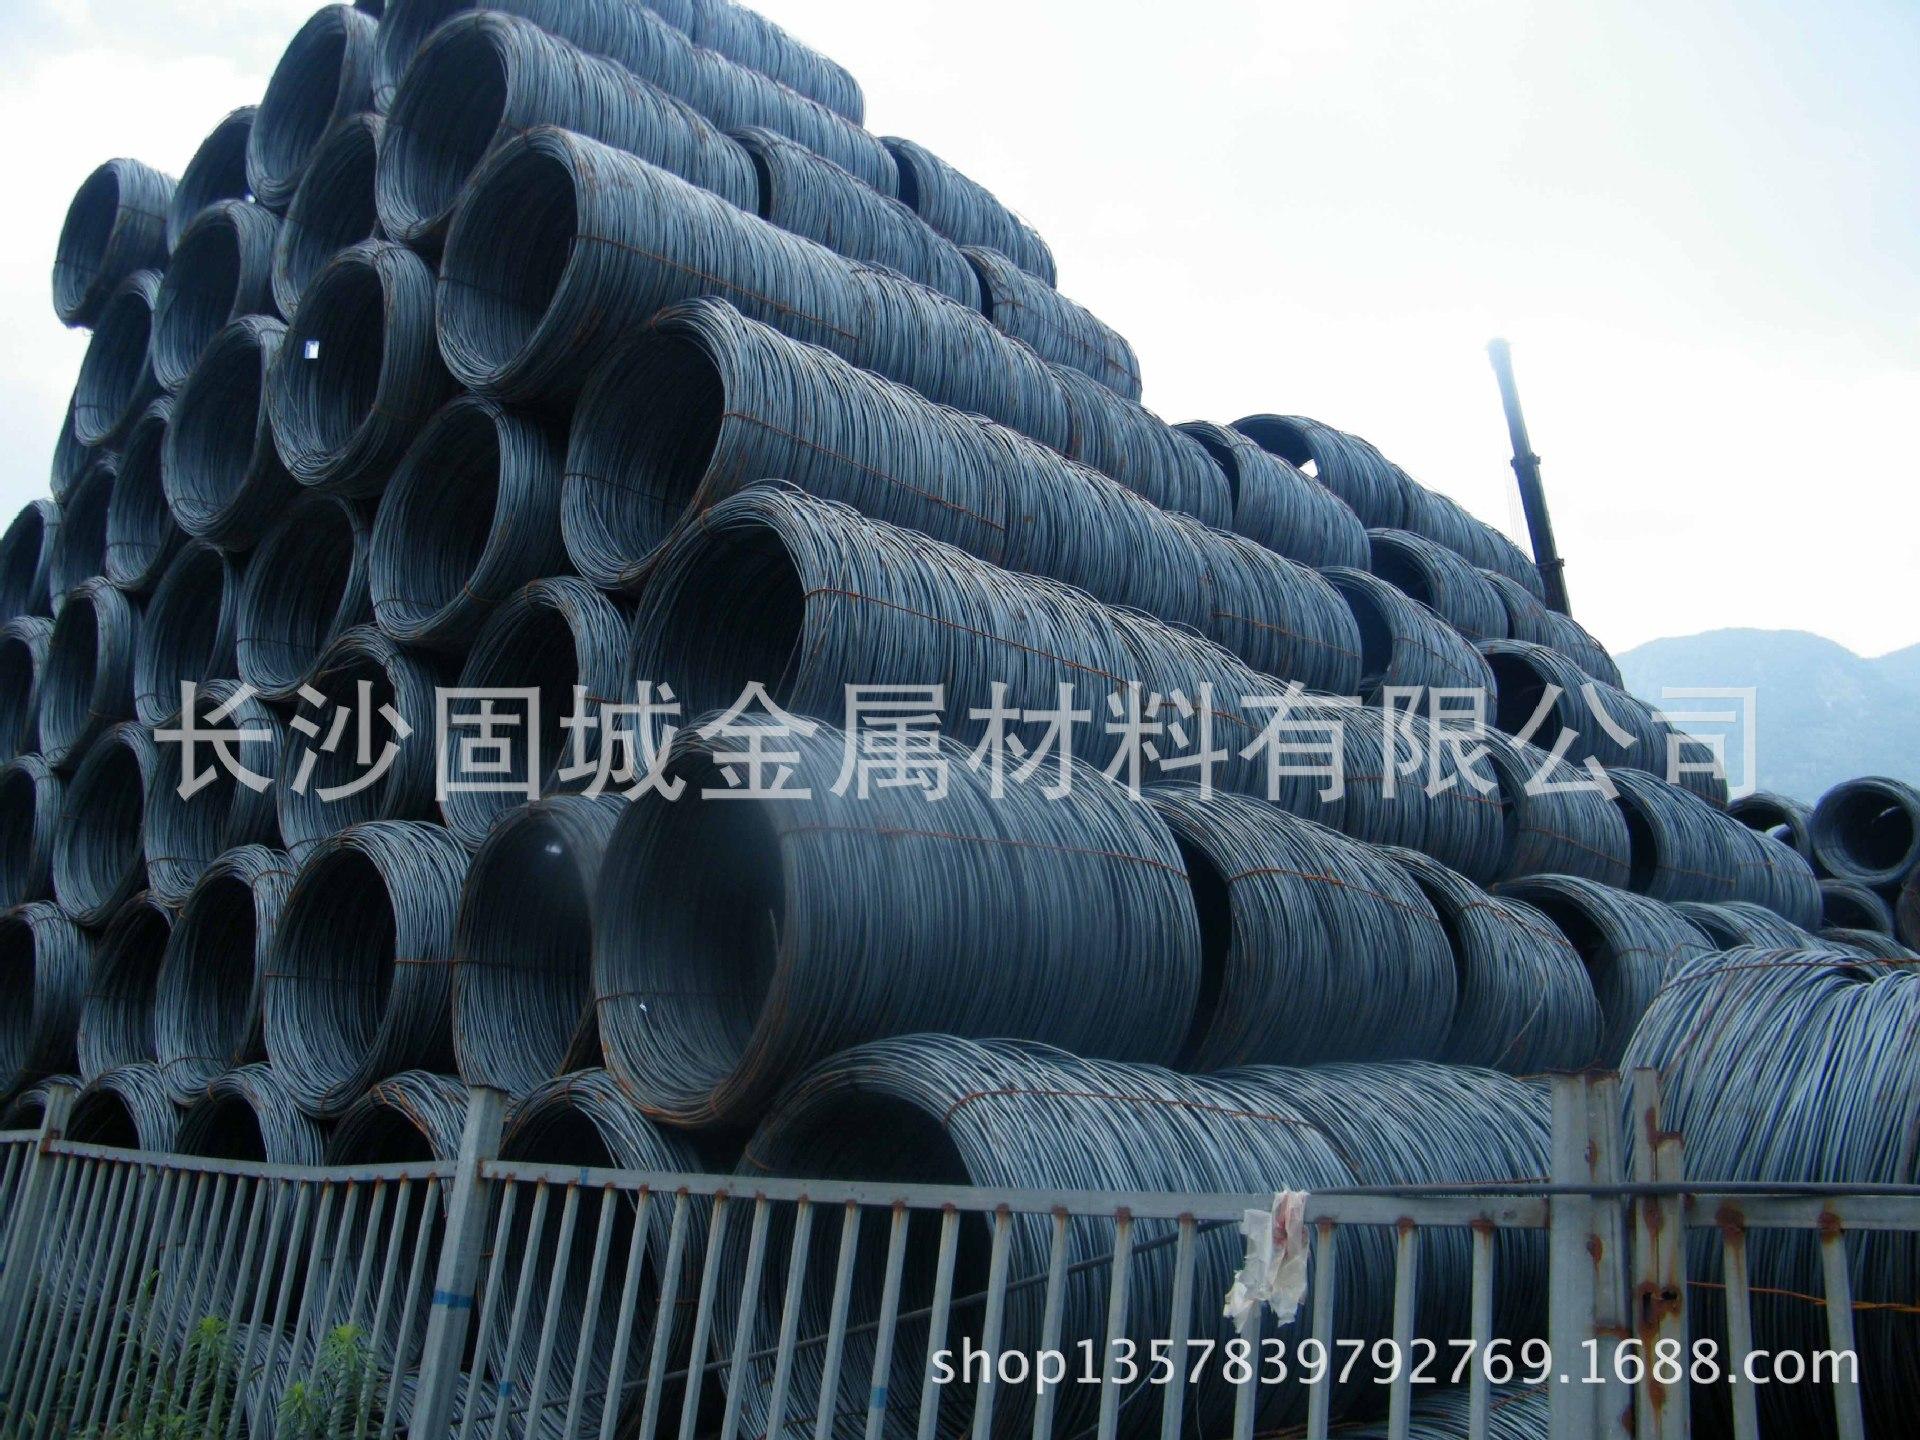 Nguyên liệu sản xuất thép Bốn thanh vằn / HRB500 | Vật liệu kỹ thuật | Kiến trúc | cốt thép | HRB 60